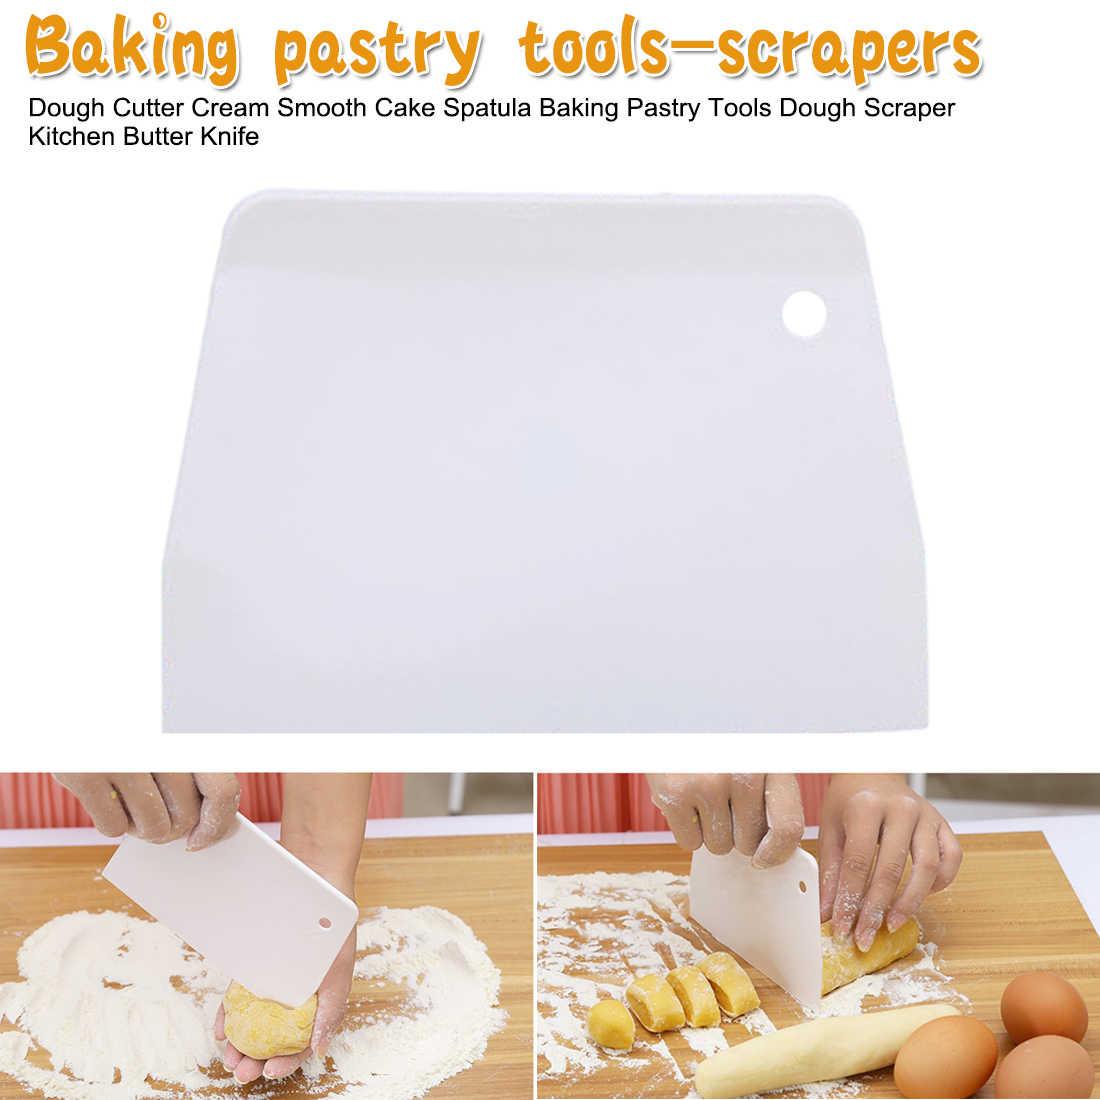 Кухонный инструмент Кондитерские резаки тесто резак для пиццы нож для теста лезвие шпатель торт хлеб пастообразный скребок лезвие